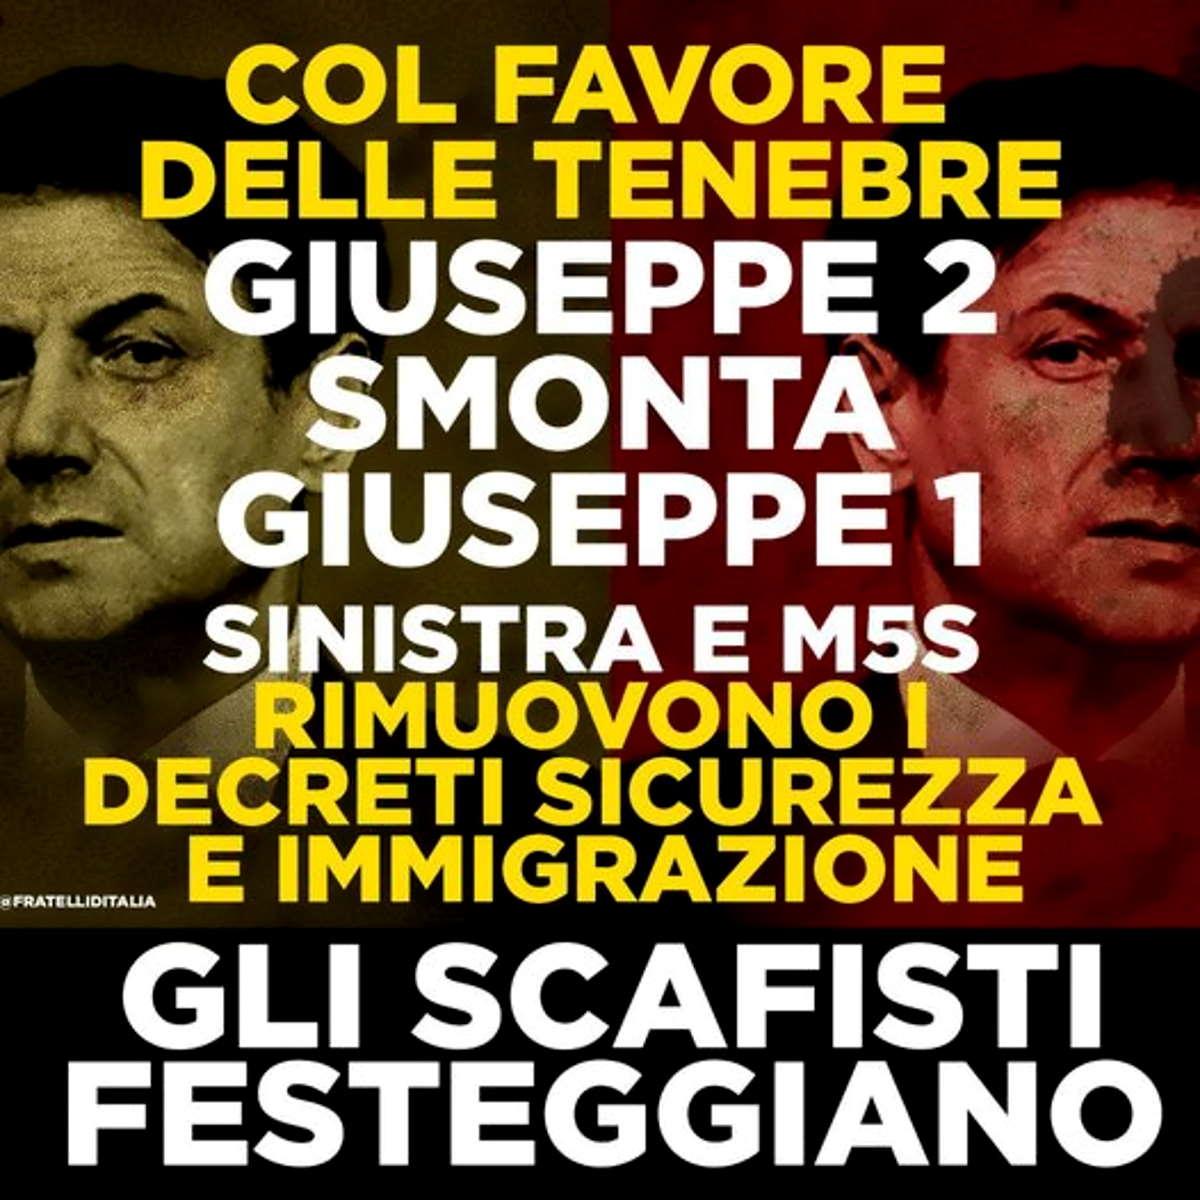 Il Governo rivede i decreti Sicurezza di Salvini e i sovranisti sbottano